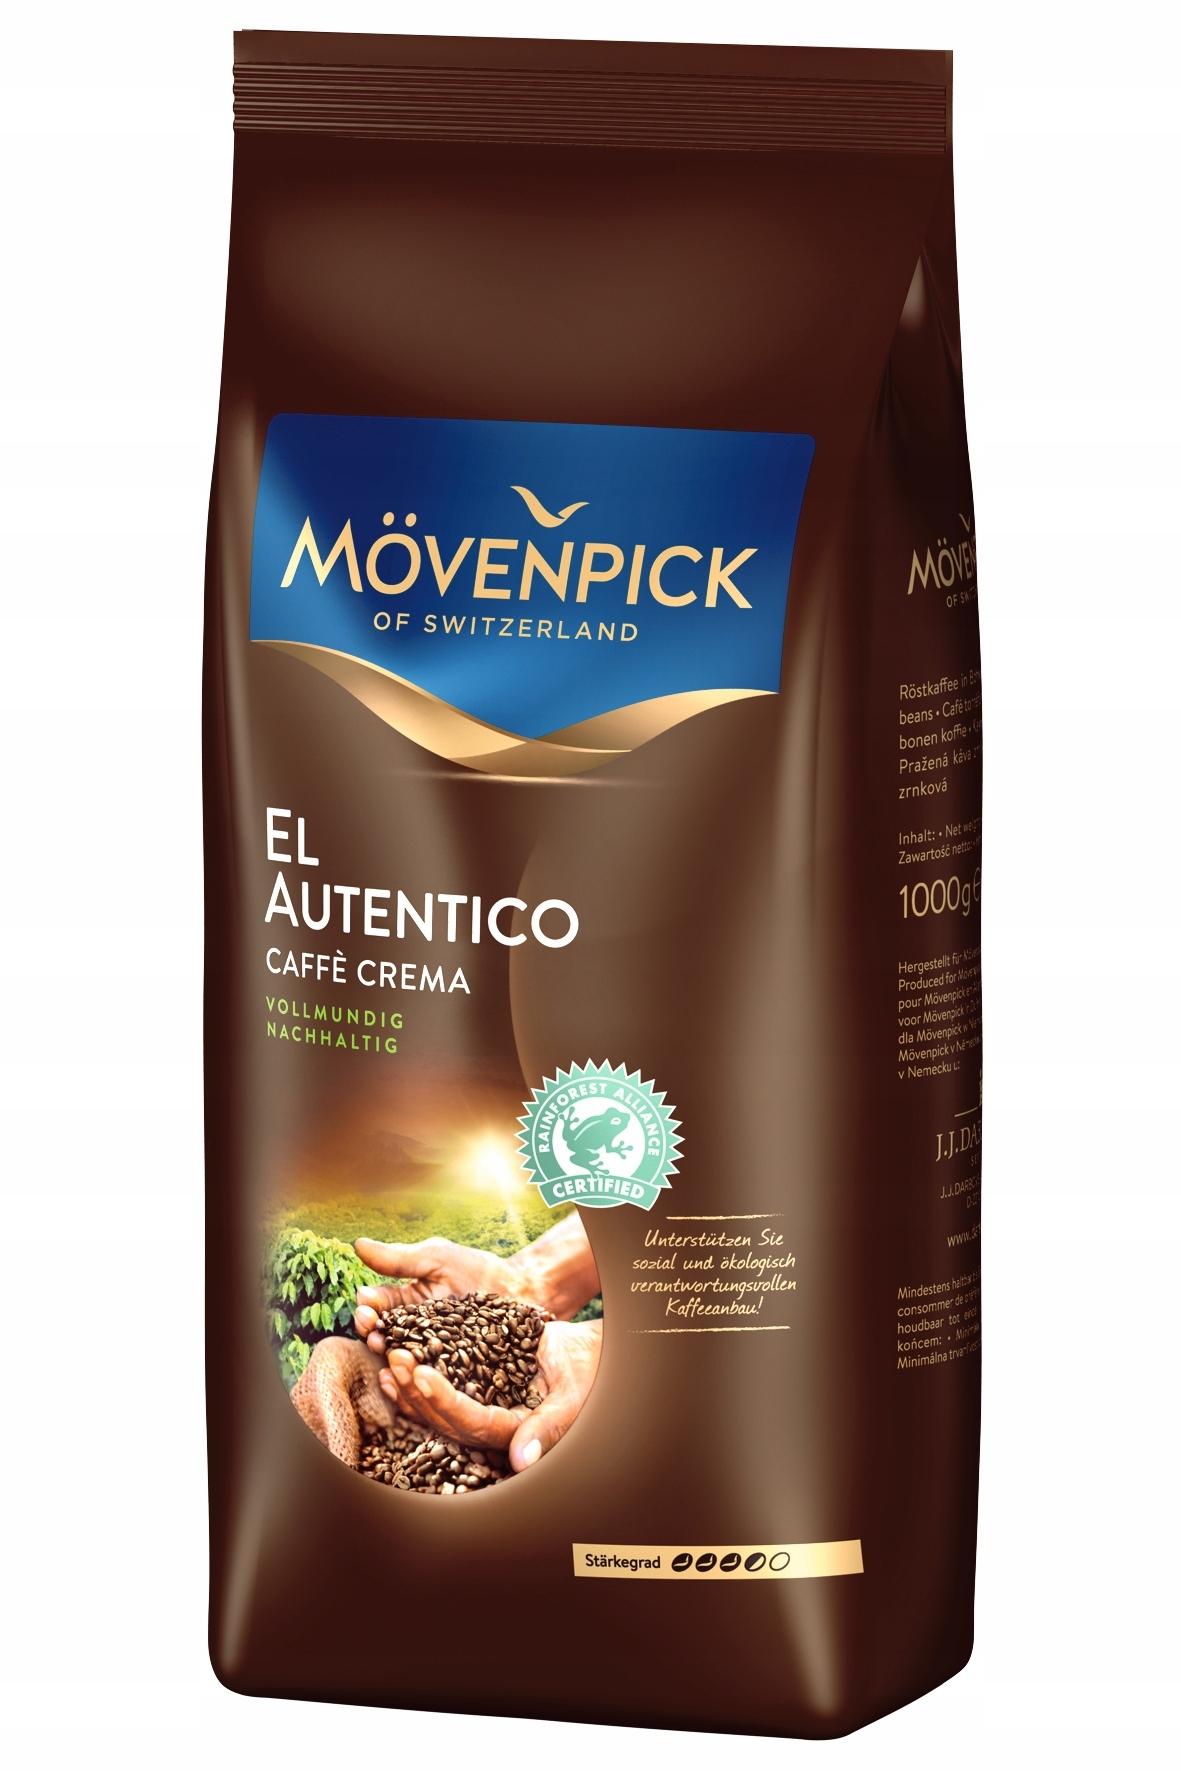 Movenpick El Autentico